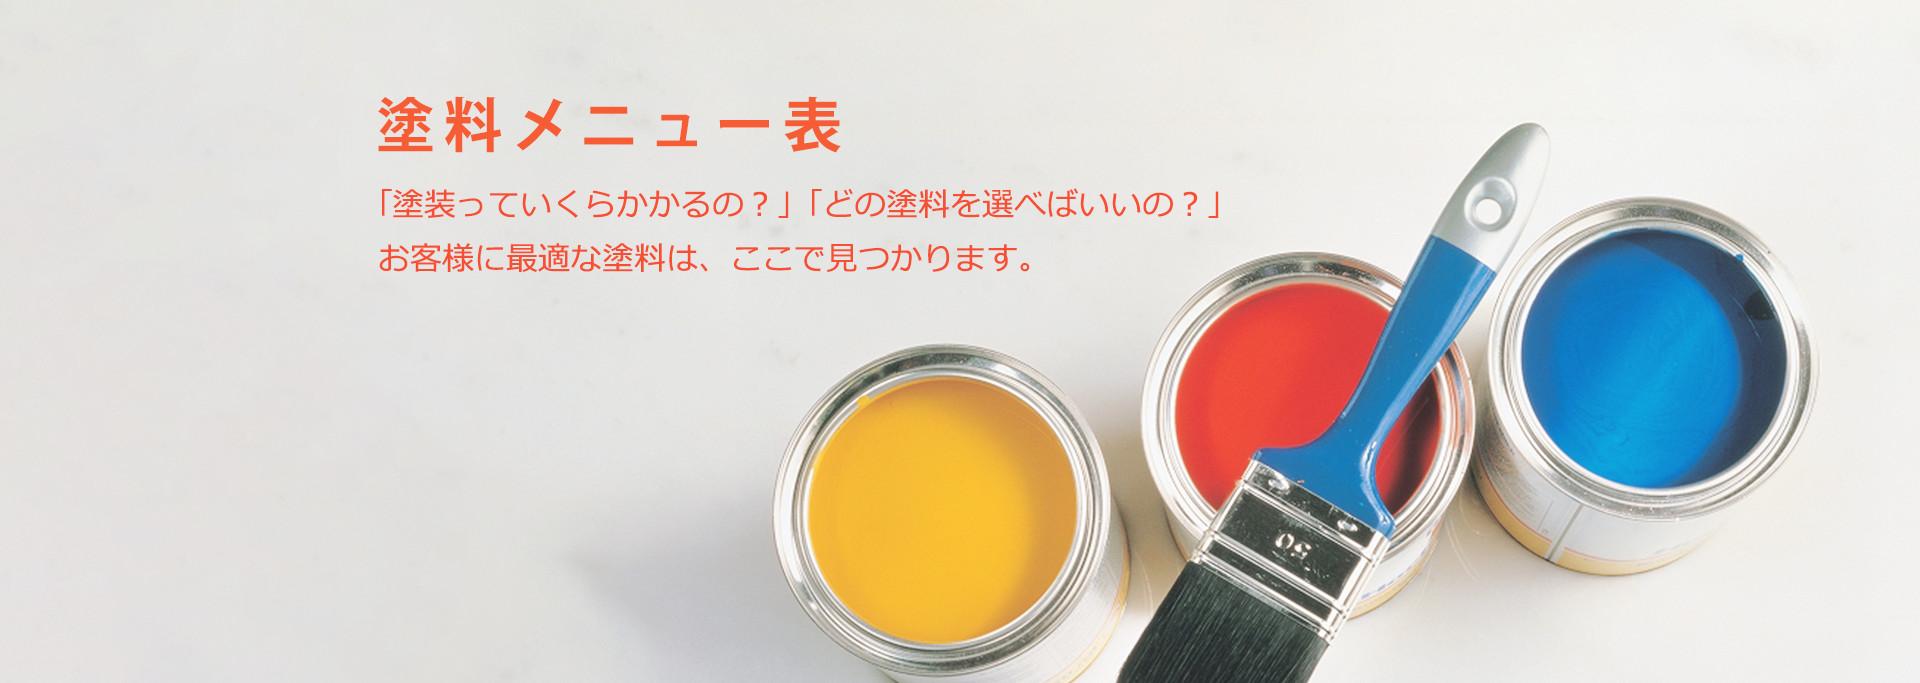 塗料メニュー表